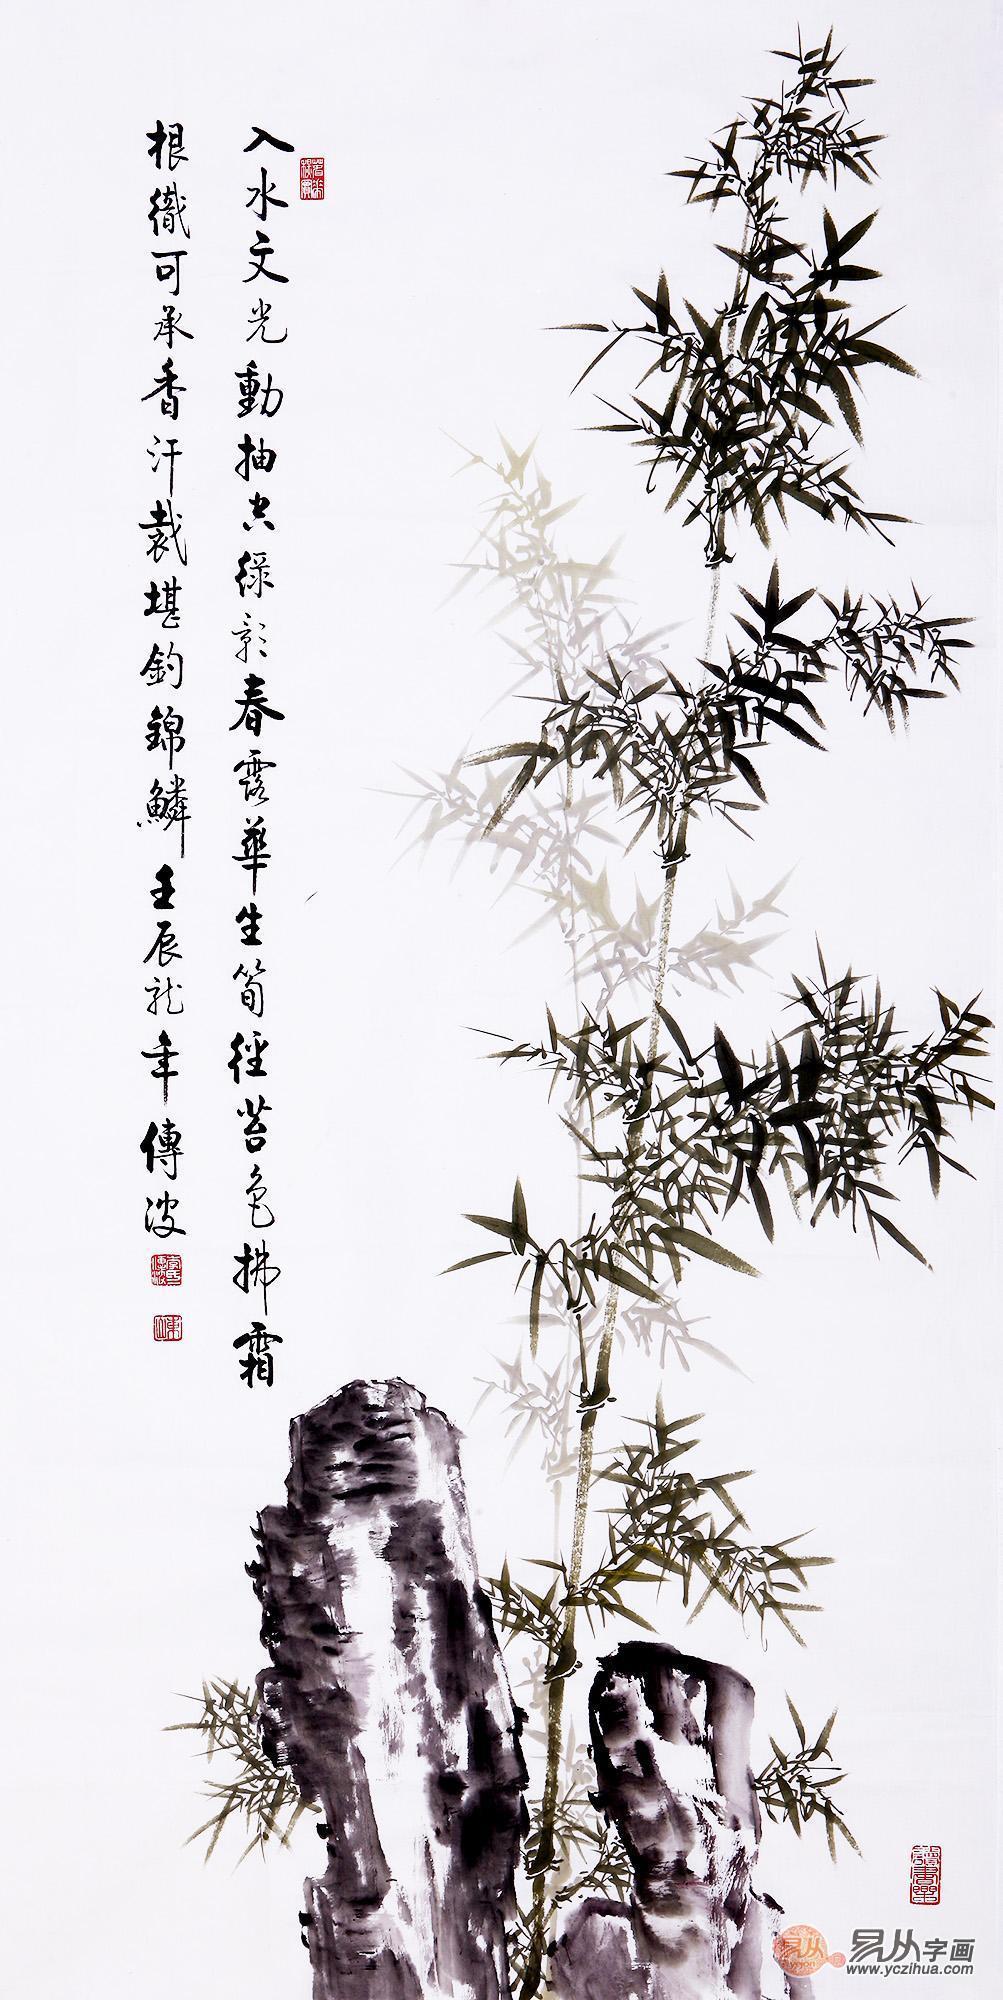 擅长画竹子的画家是谁 李传波了解一下图片